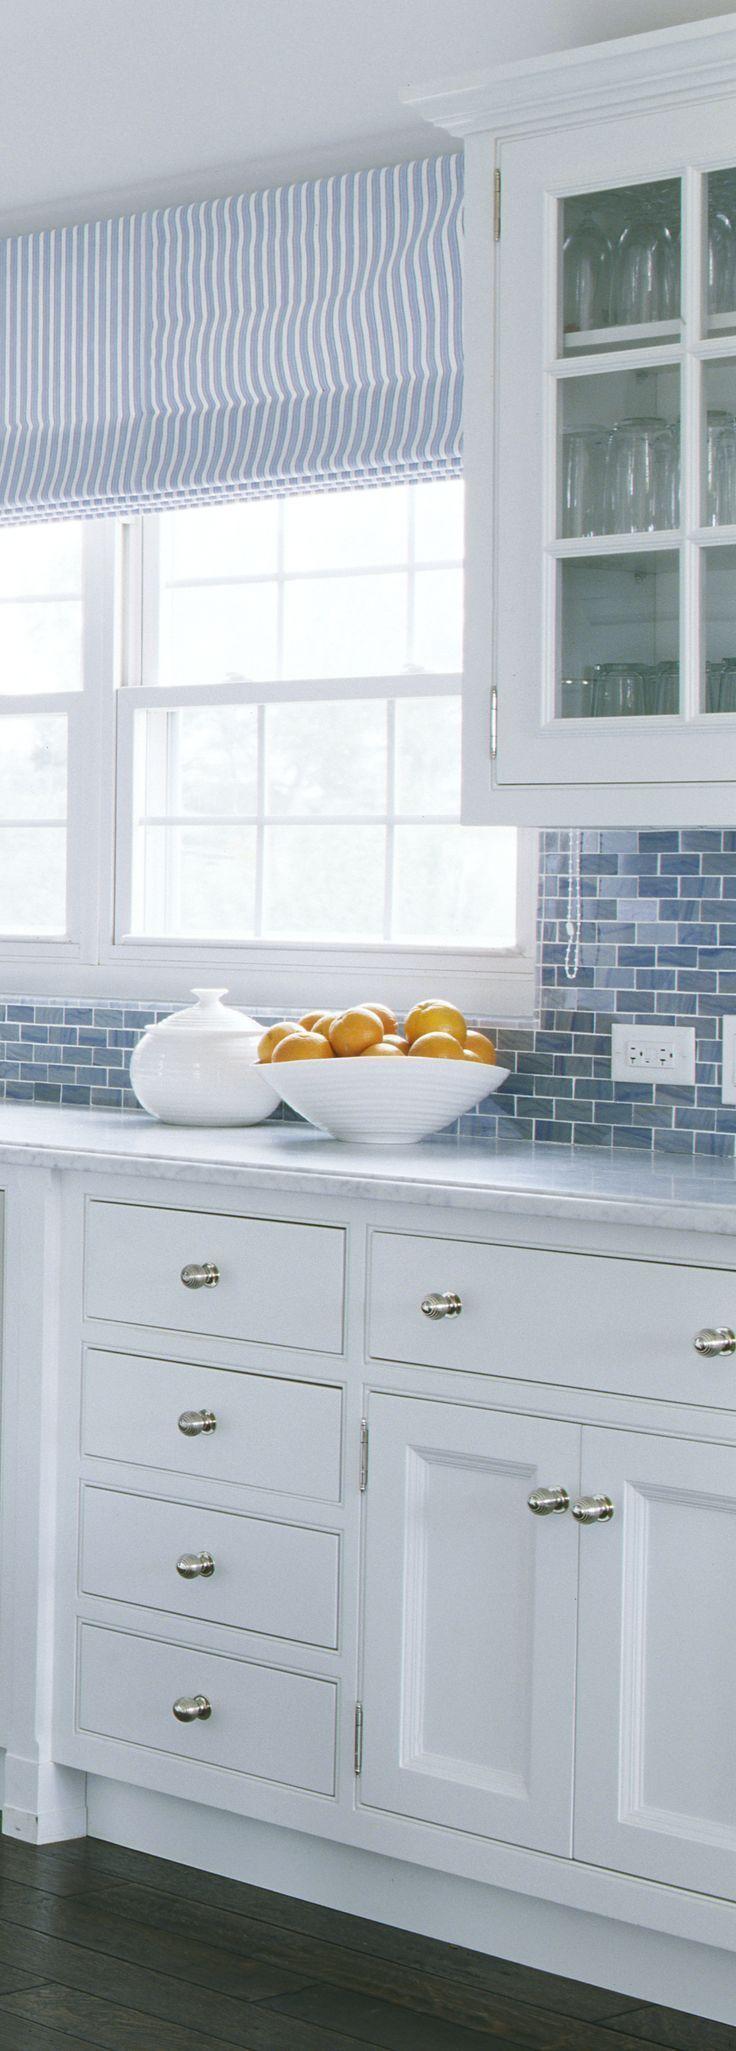 52 best Home - Kitchen images on Pinterest | Kitchen ideas, Kitchen ...